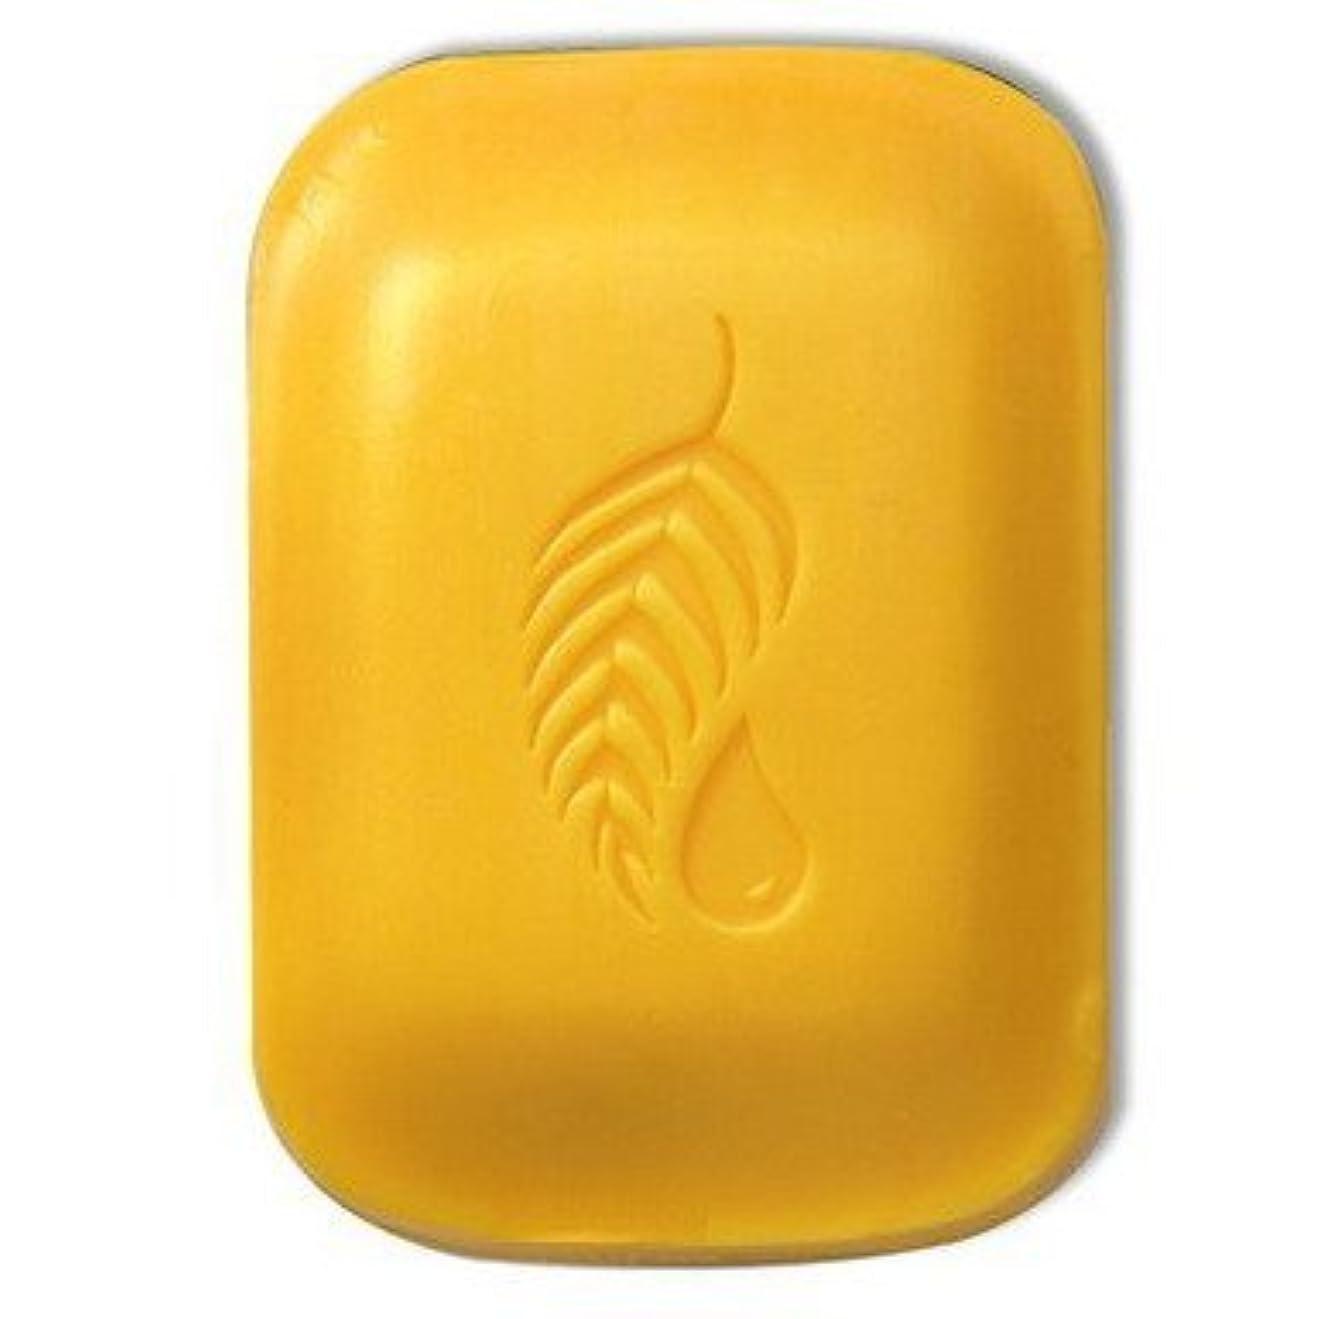 確かな同情前述の【Melaleuca(メラルーカ)】ゴールド バー 127.5g [並行輸入品]